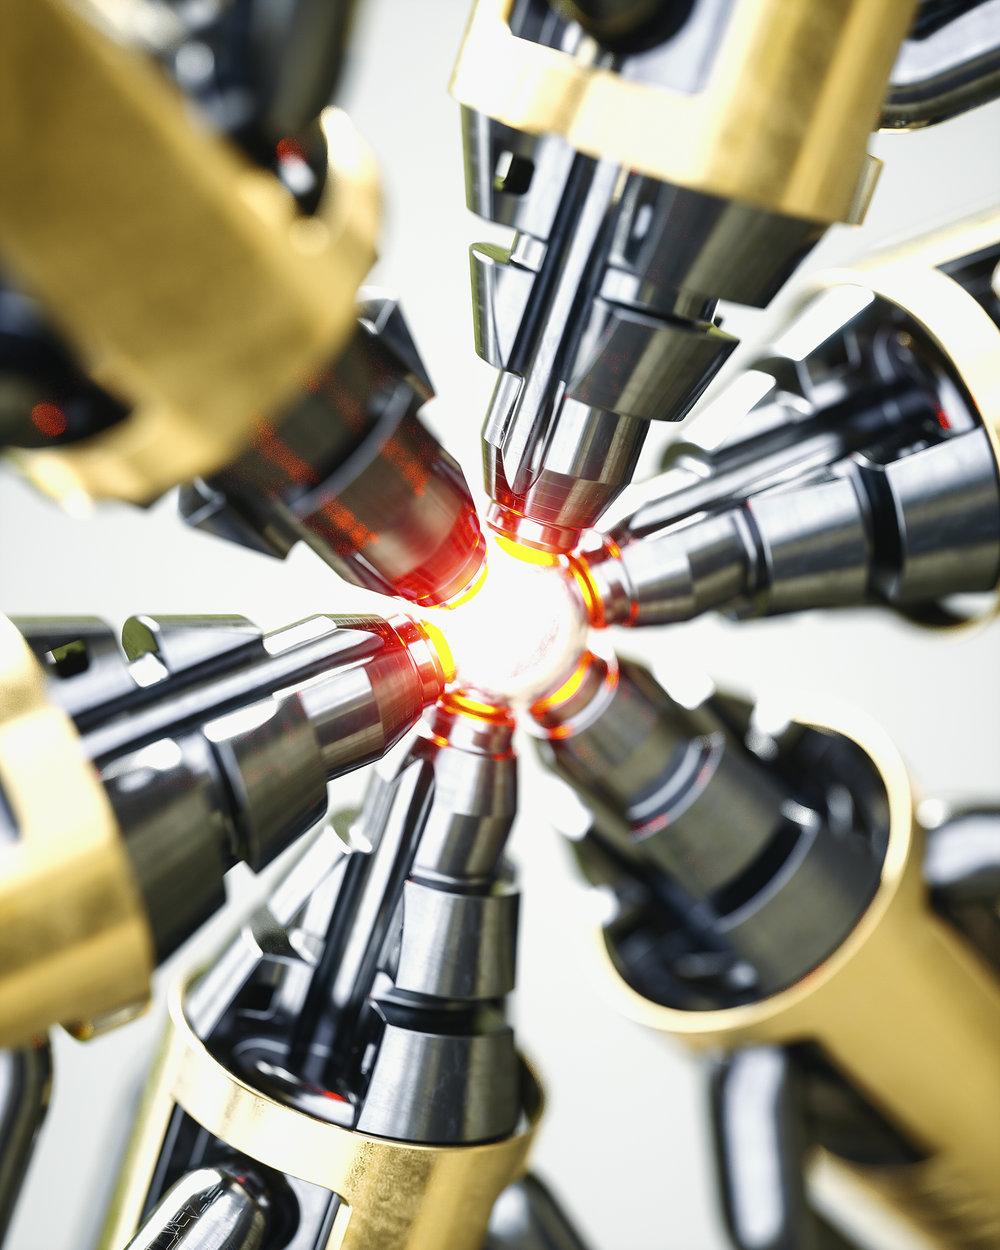 [04-09-17] - Laser.jpg